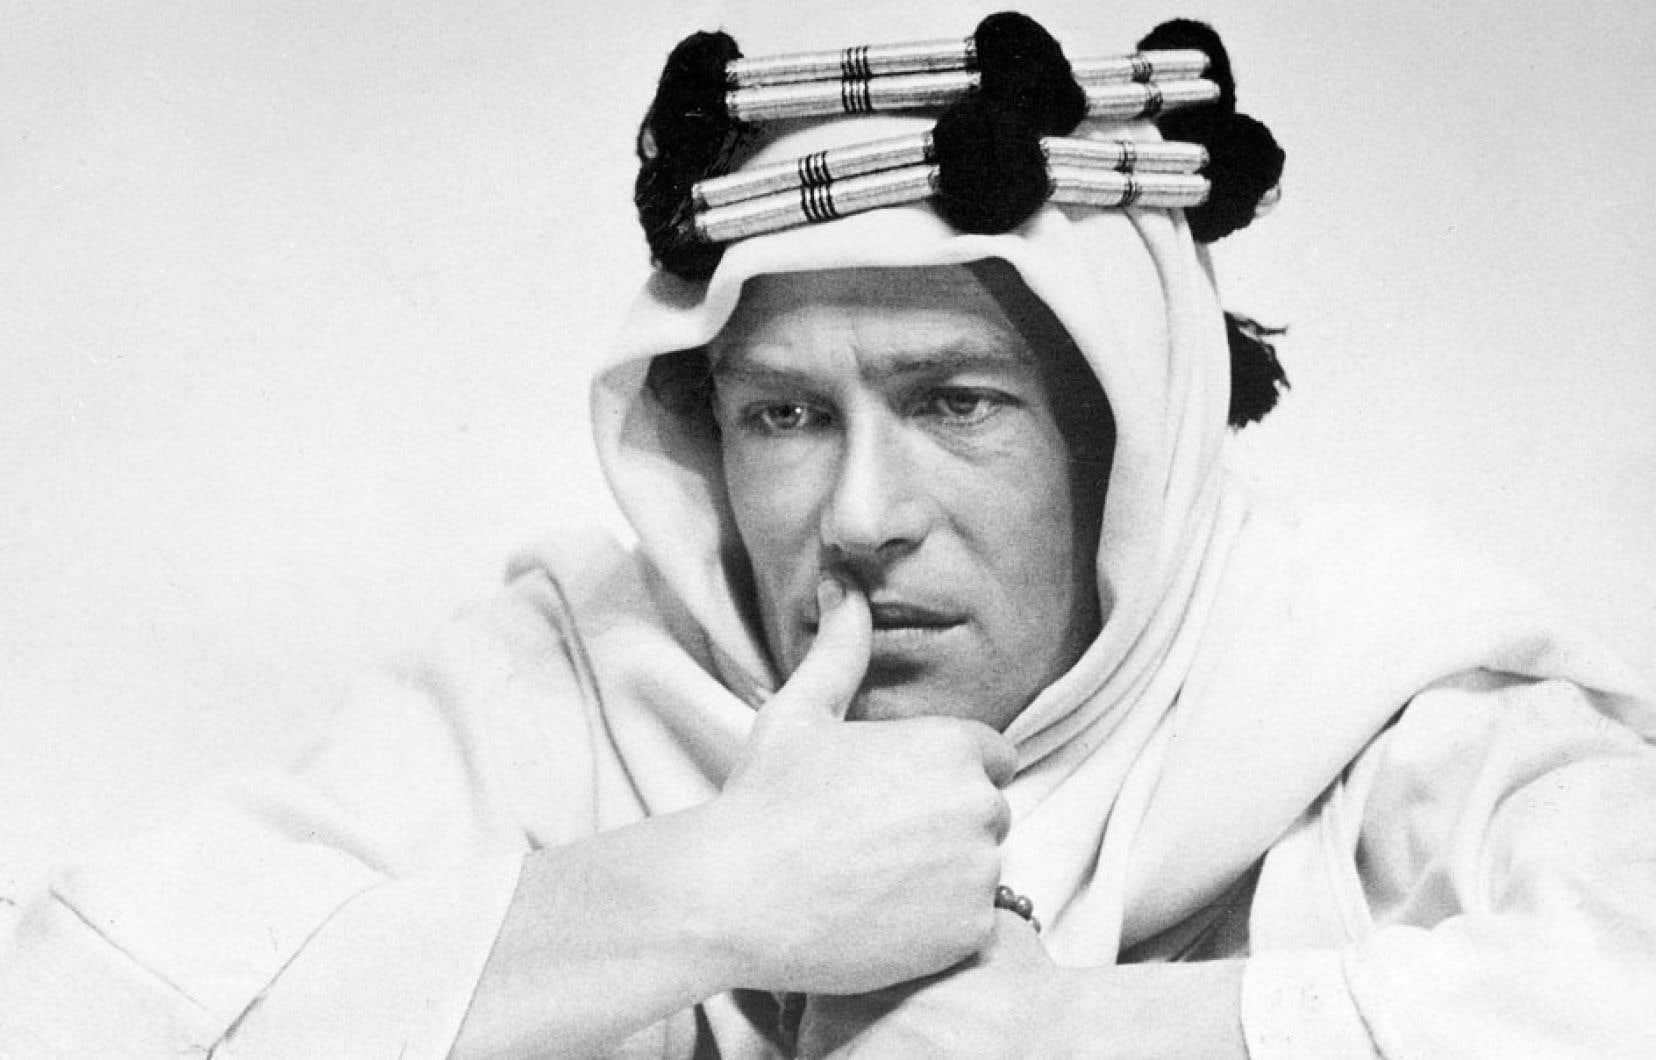 L'épopée cinématographique Lawrence d'Arabie, de David Lean, avait remporté au total sept Oscar, dont celui du meilleur réalisateur. Mais Peter O'Toole n'avait pas obtenu celui du meilleur acteur.